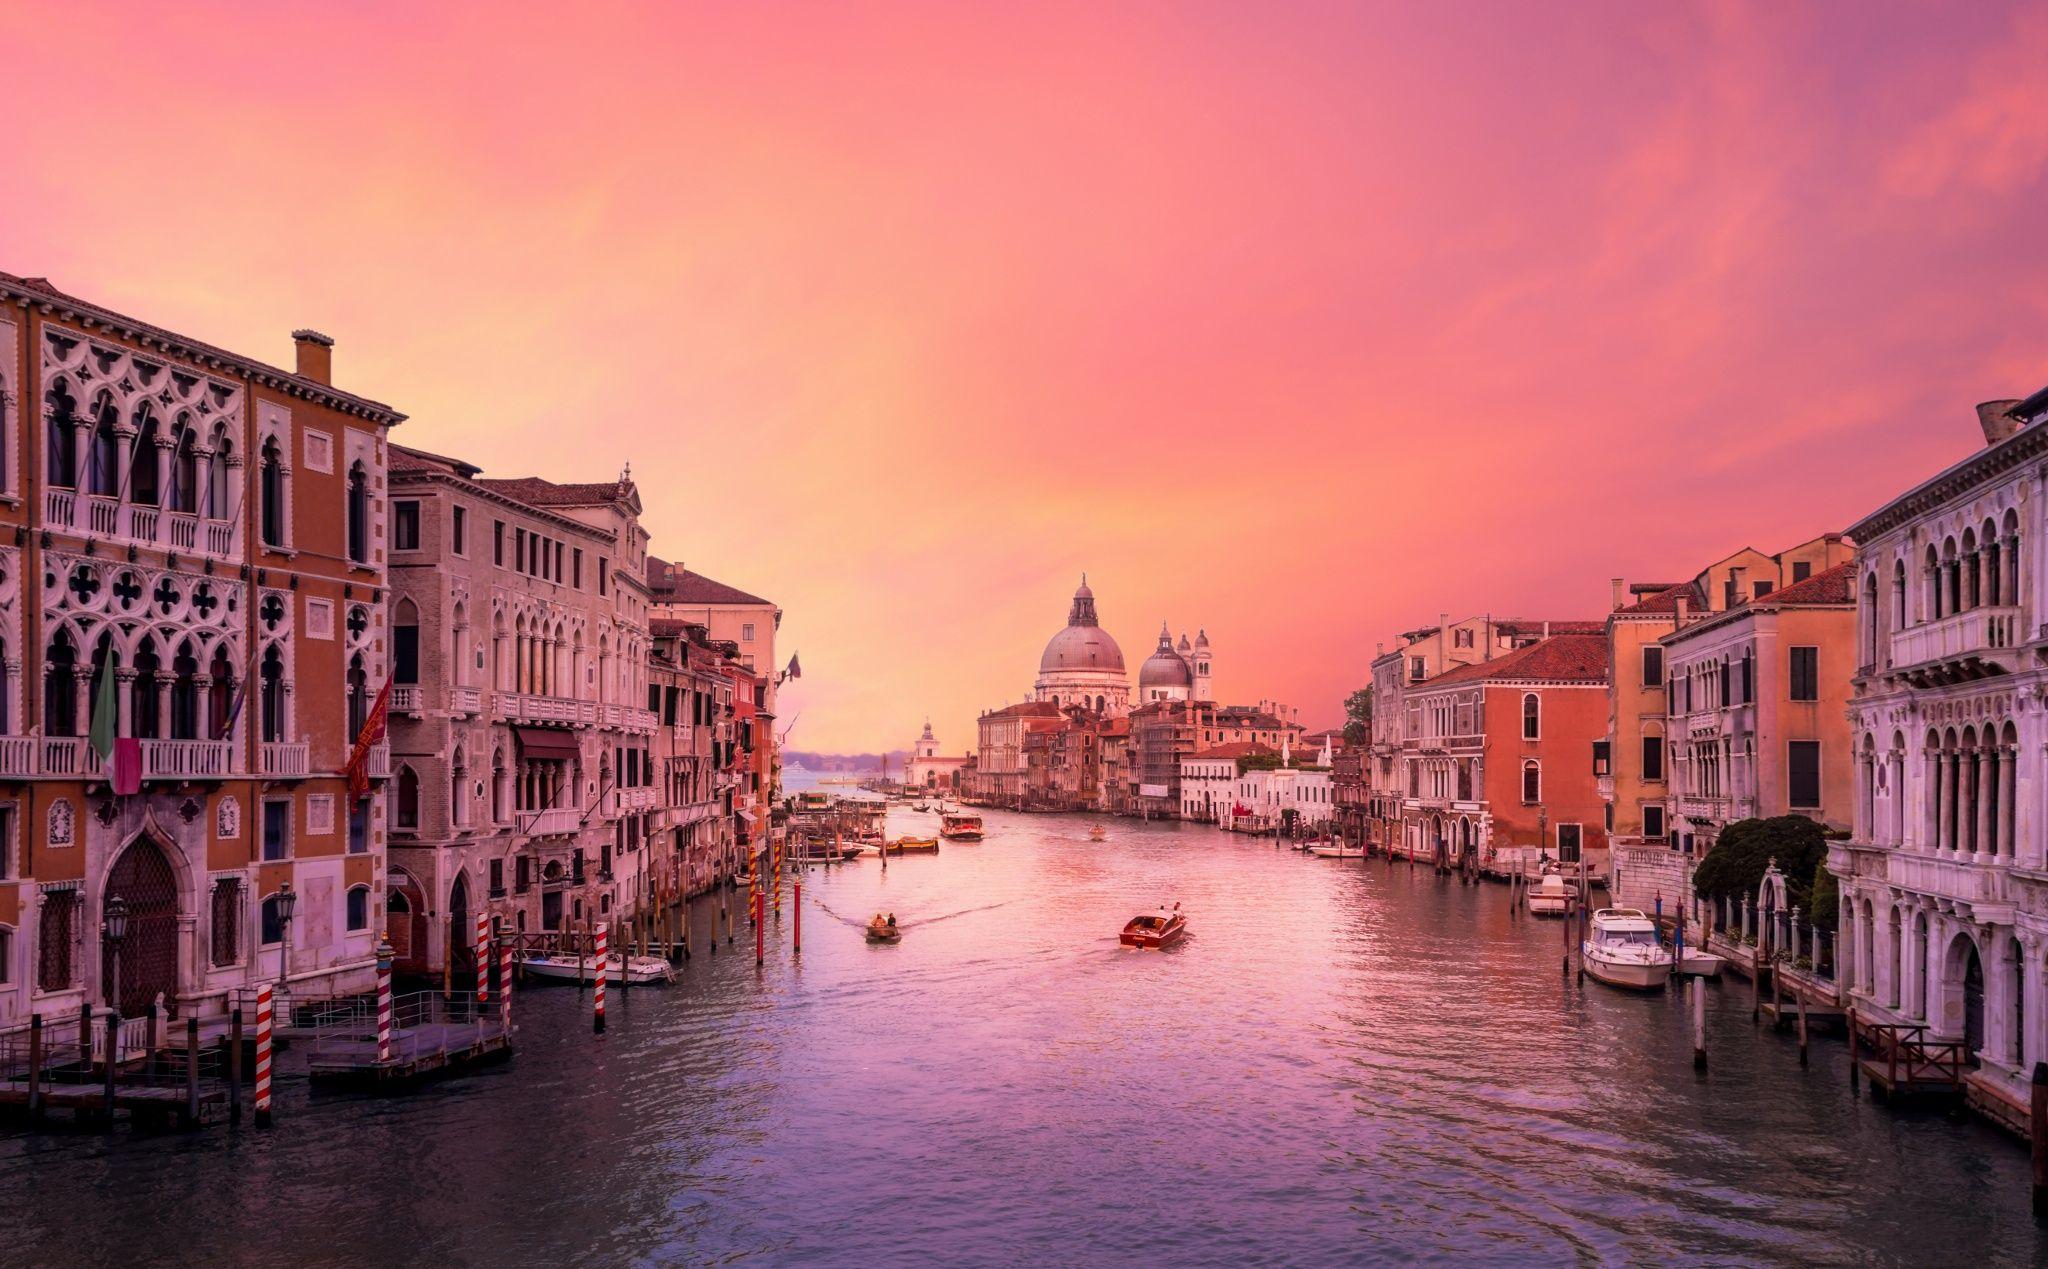 Venice. by Fabio Sturla on 500px